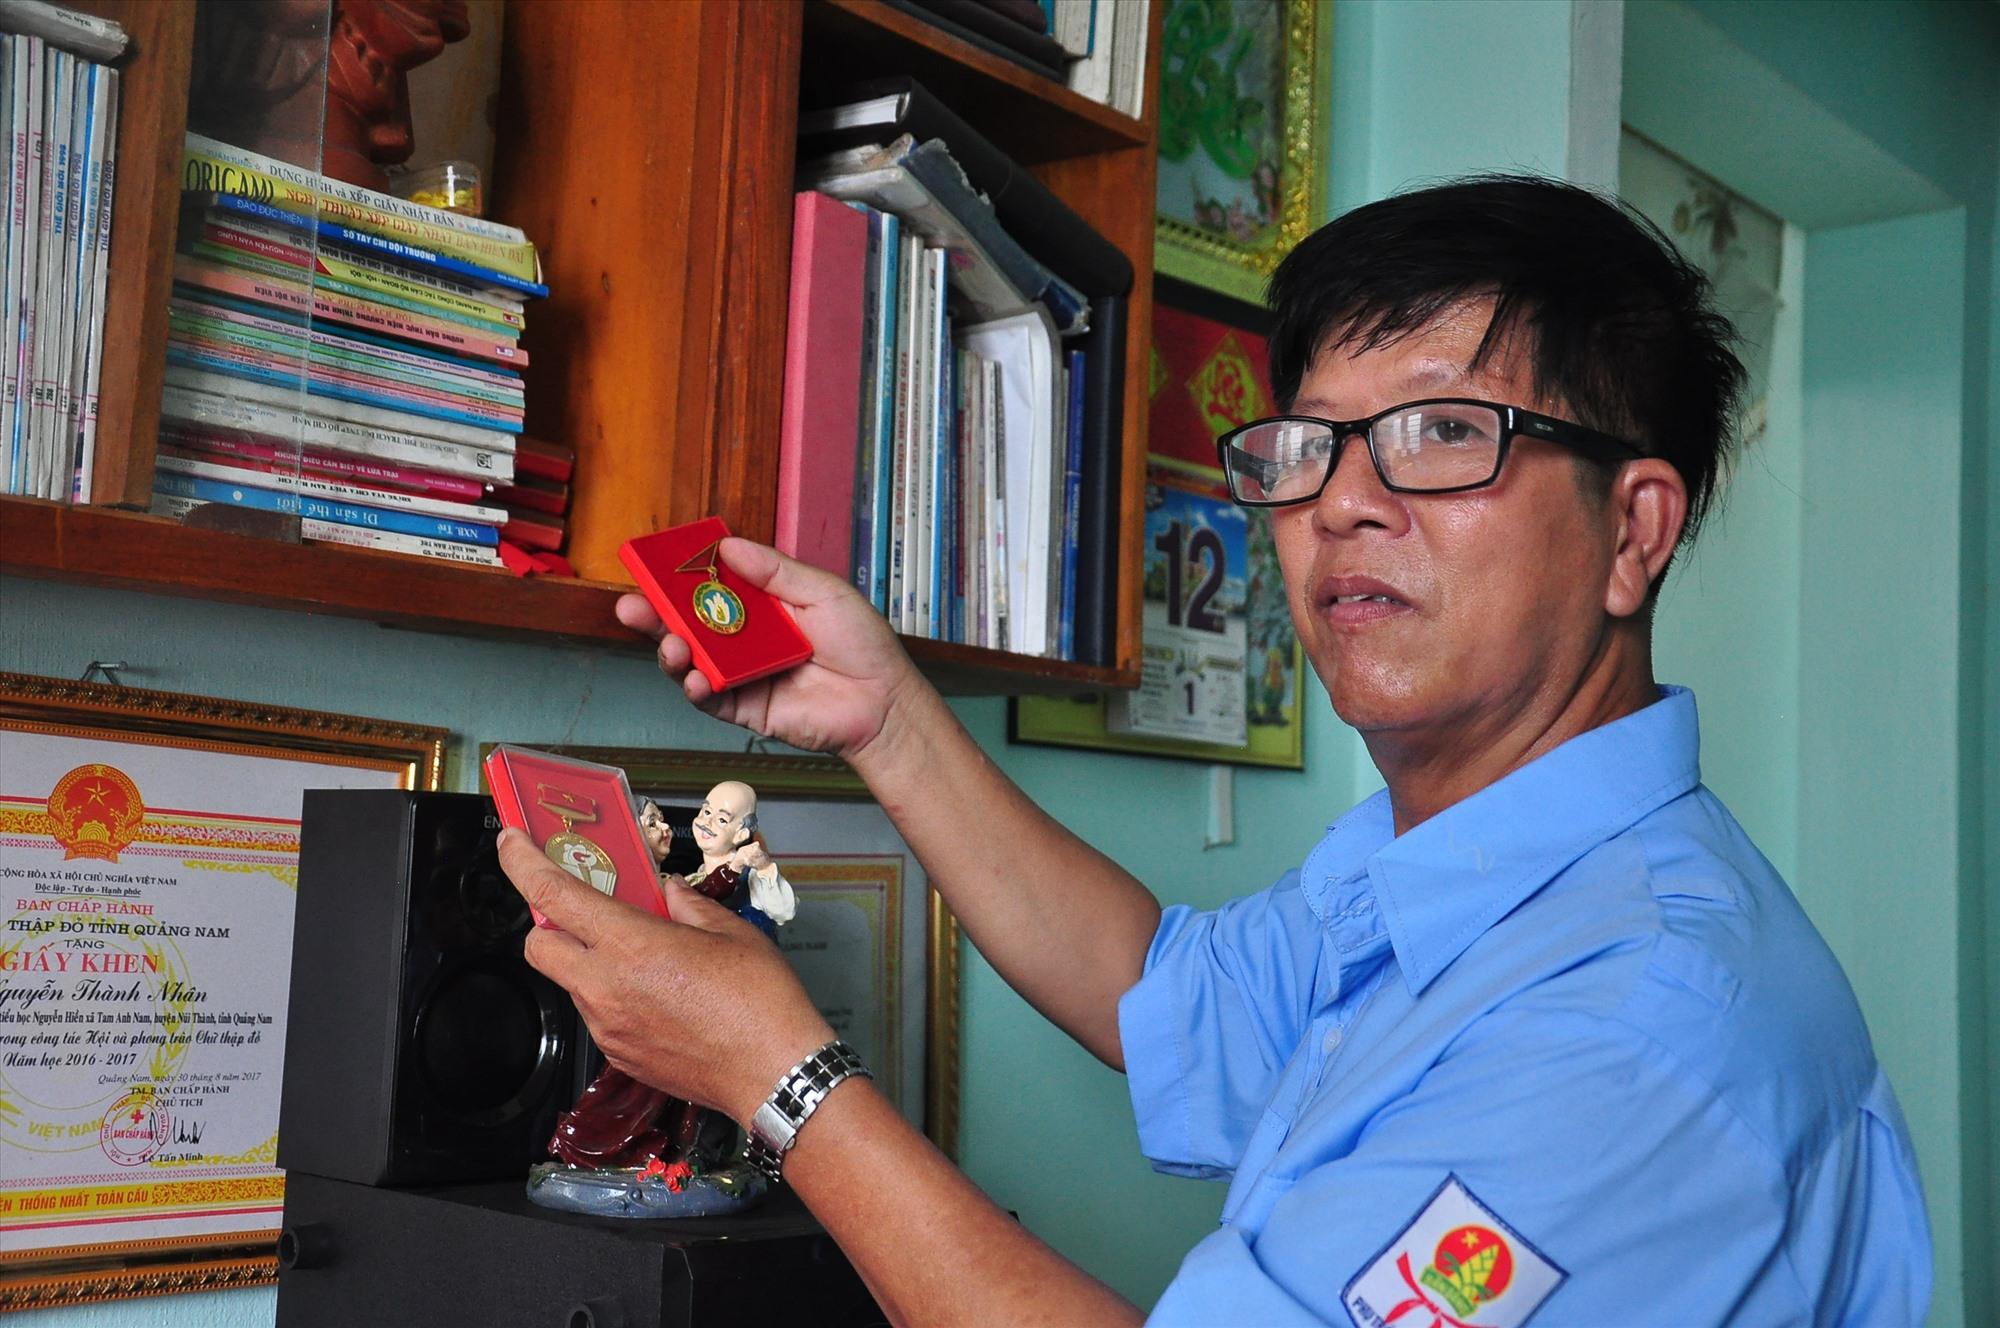 Thầy Nguyễn Thành Nhân lữu giữ cẩn thận những kỷ vật và các huy hiệu được khen tặng trong thời gian công tác của mình. Ảnh: VINH ANH